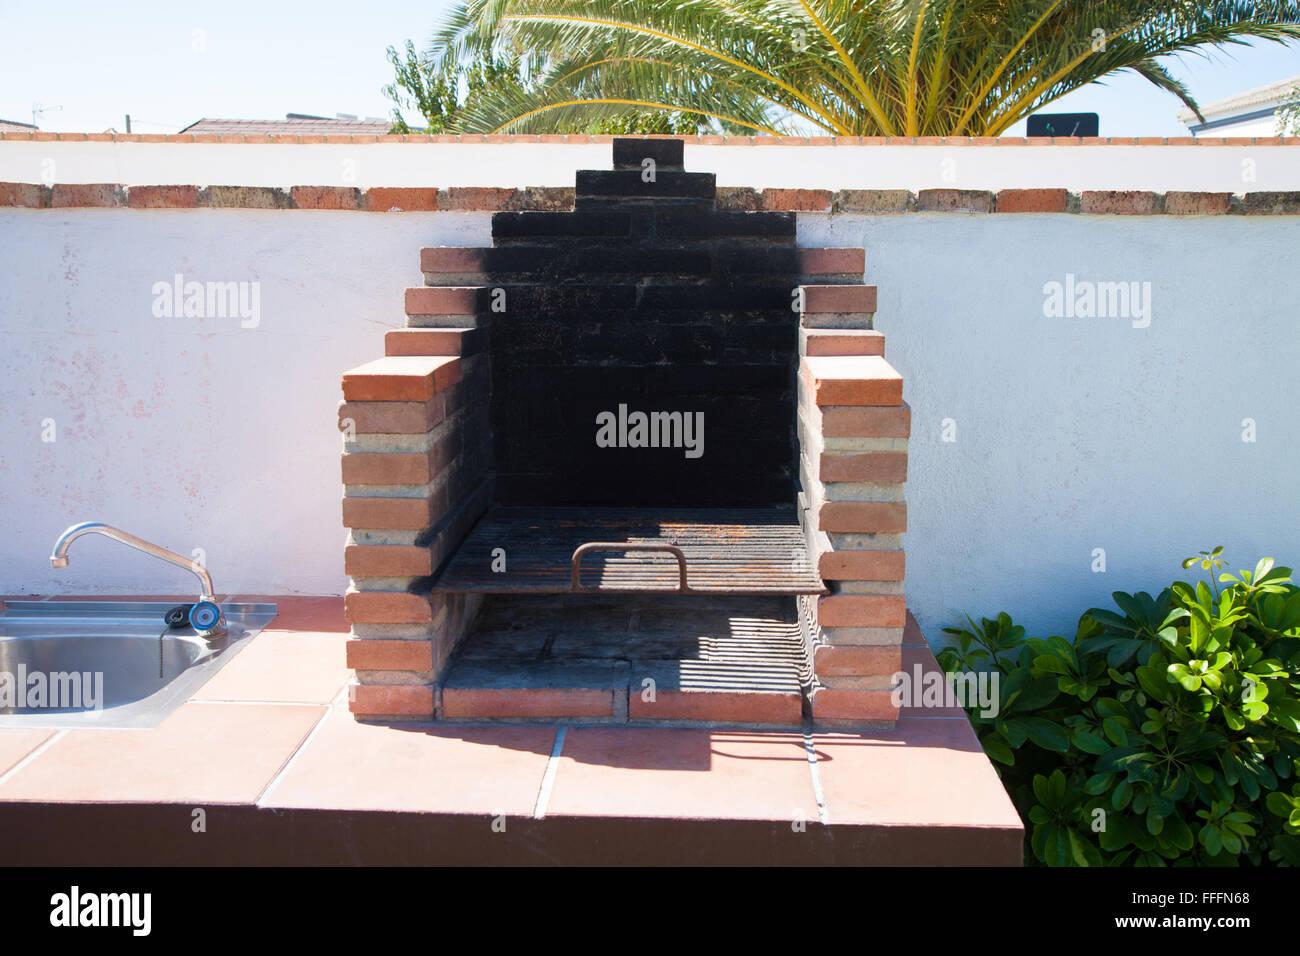 grundlegende außen grill mit rostigen orange ziegel grill und metall